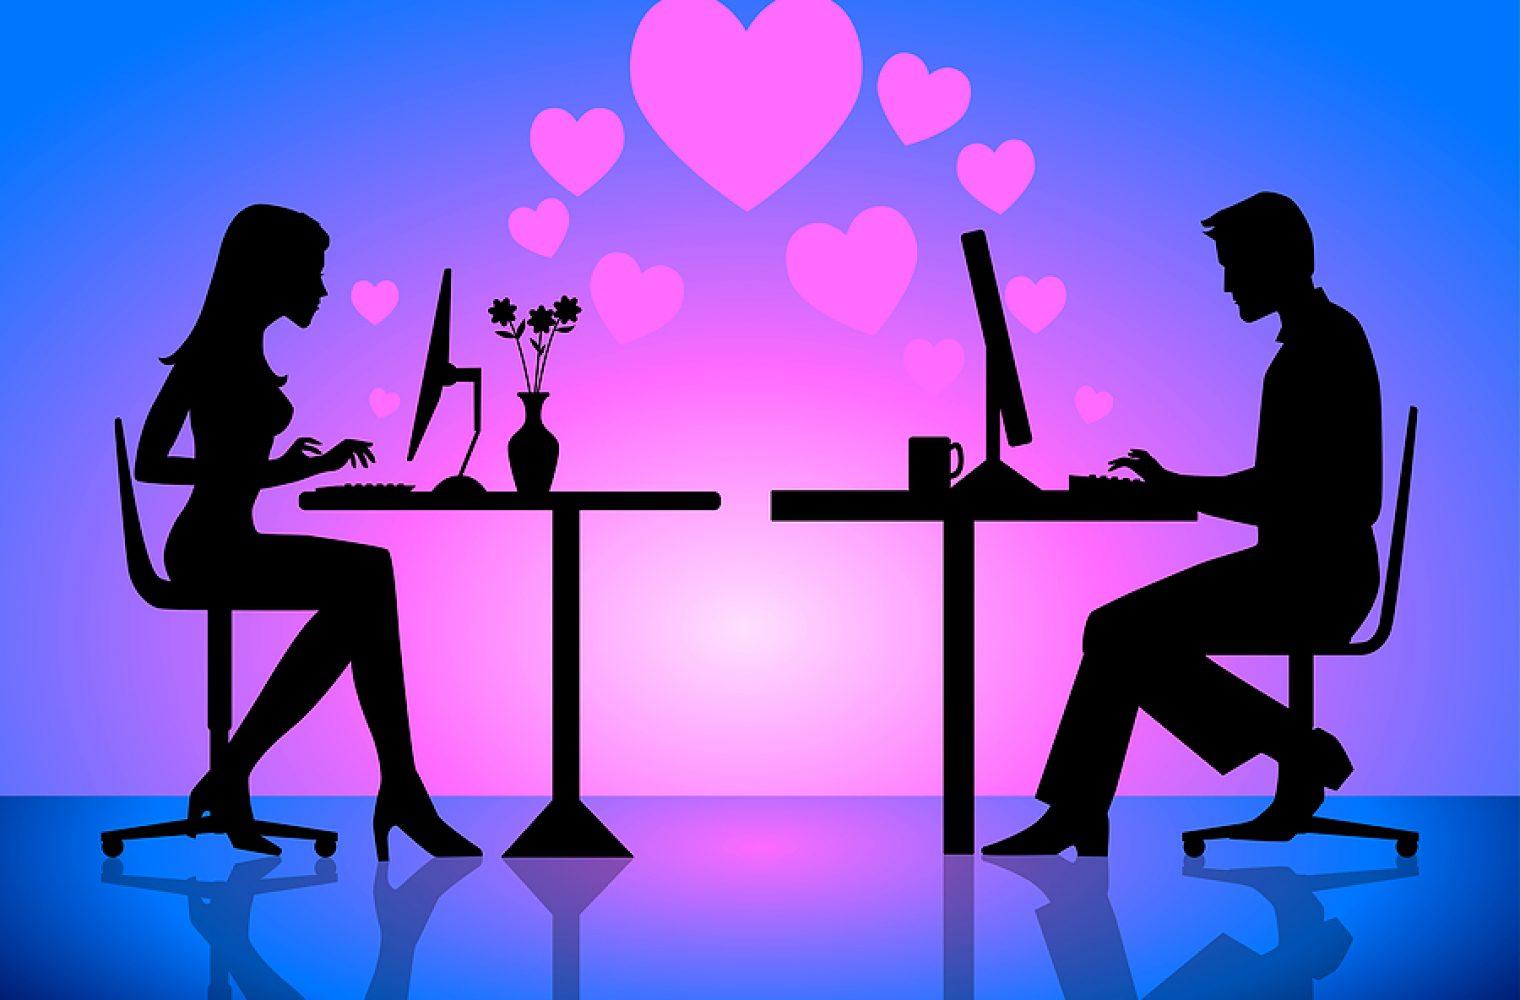 Νορβηγία dating σε απευθείας σύνδεση